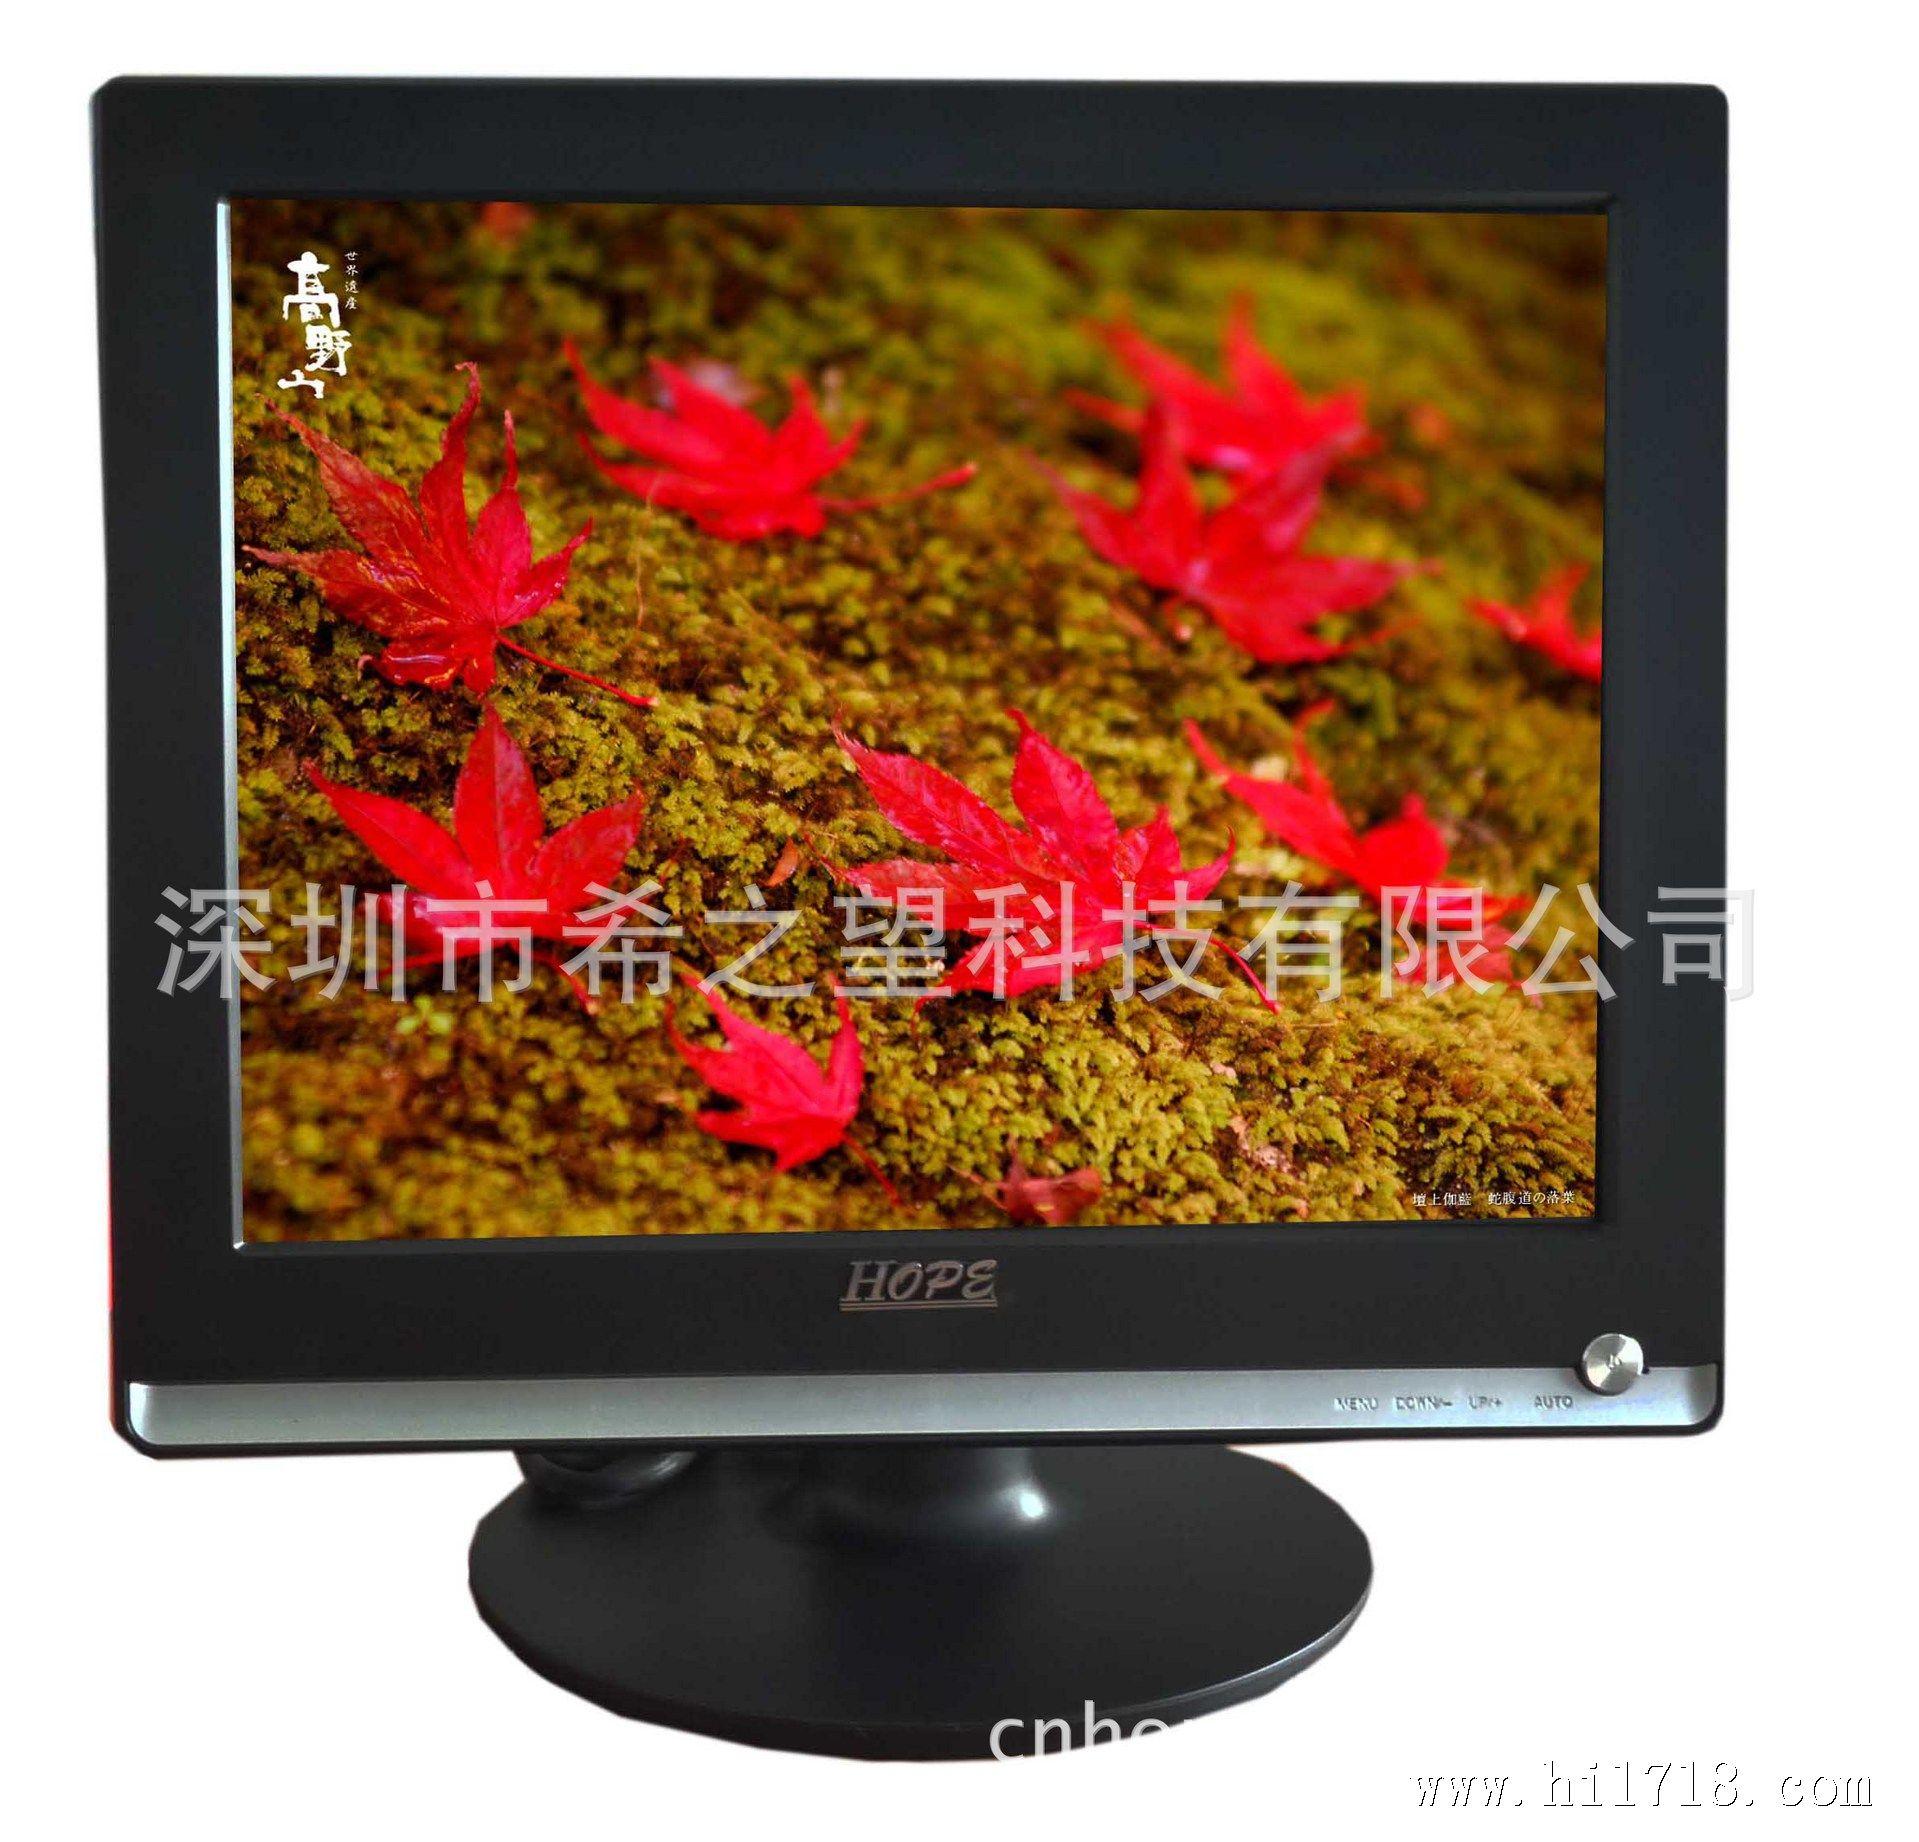 江苏南京工厂直销 32寸液晶监视器 各尺寸LED高... - 中国供应商